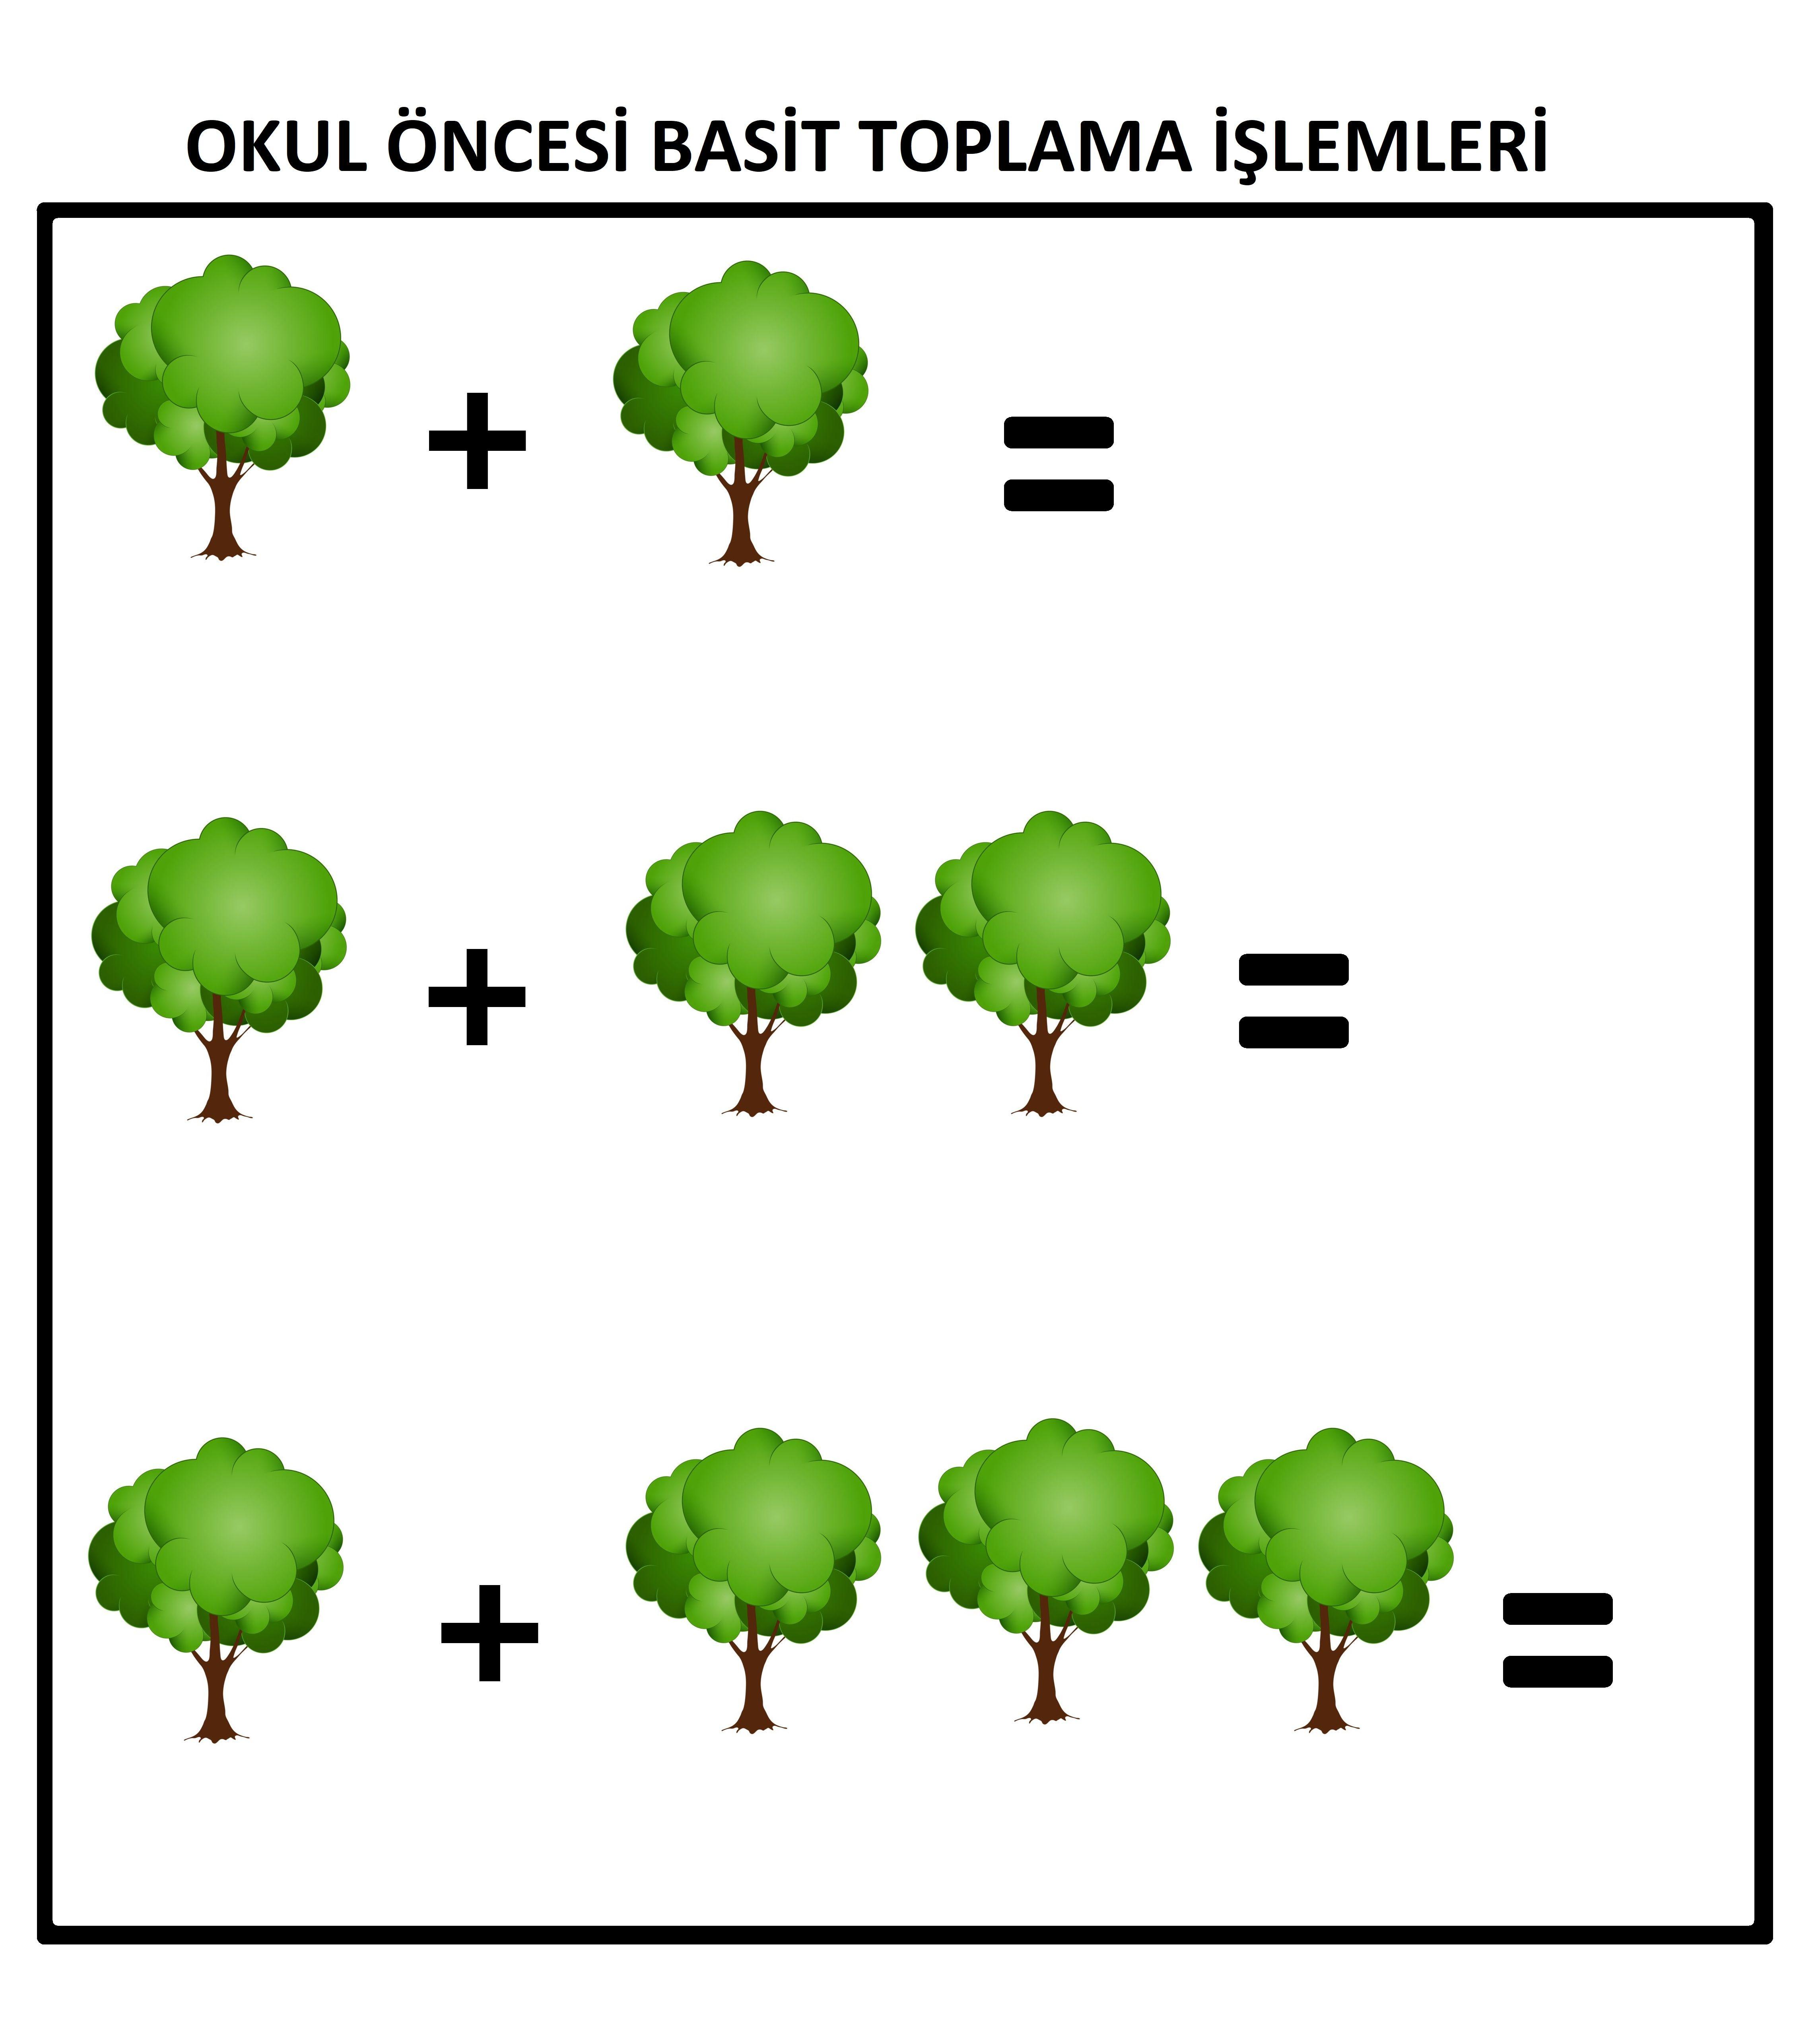 OKUL ÖNCESİ BASİT TOPLAMA İŞLEMİ ÇALIŞMA SAYFASI | Matematik ...